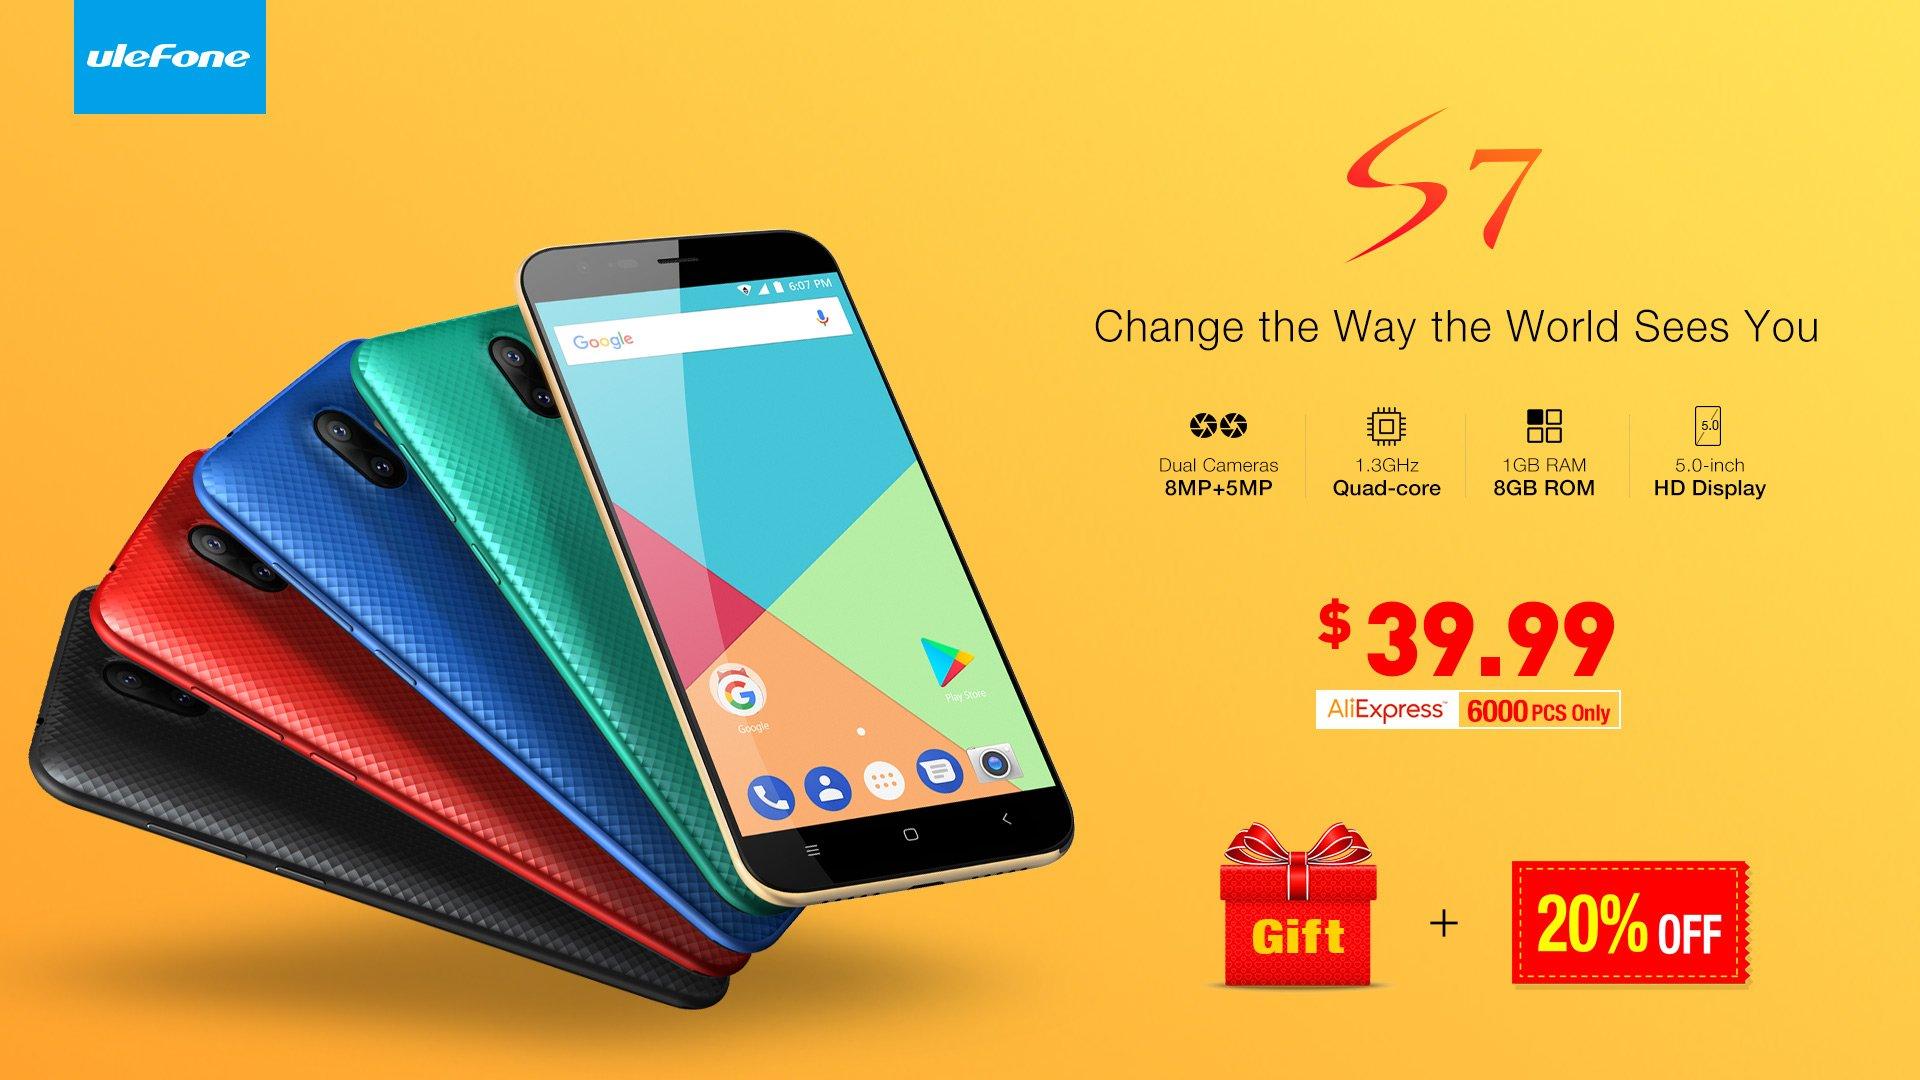 Smartfon za 150 złotych i to z podwójnym aparatem? Ulefone S7 jest dowodem na to, że się da 15